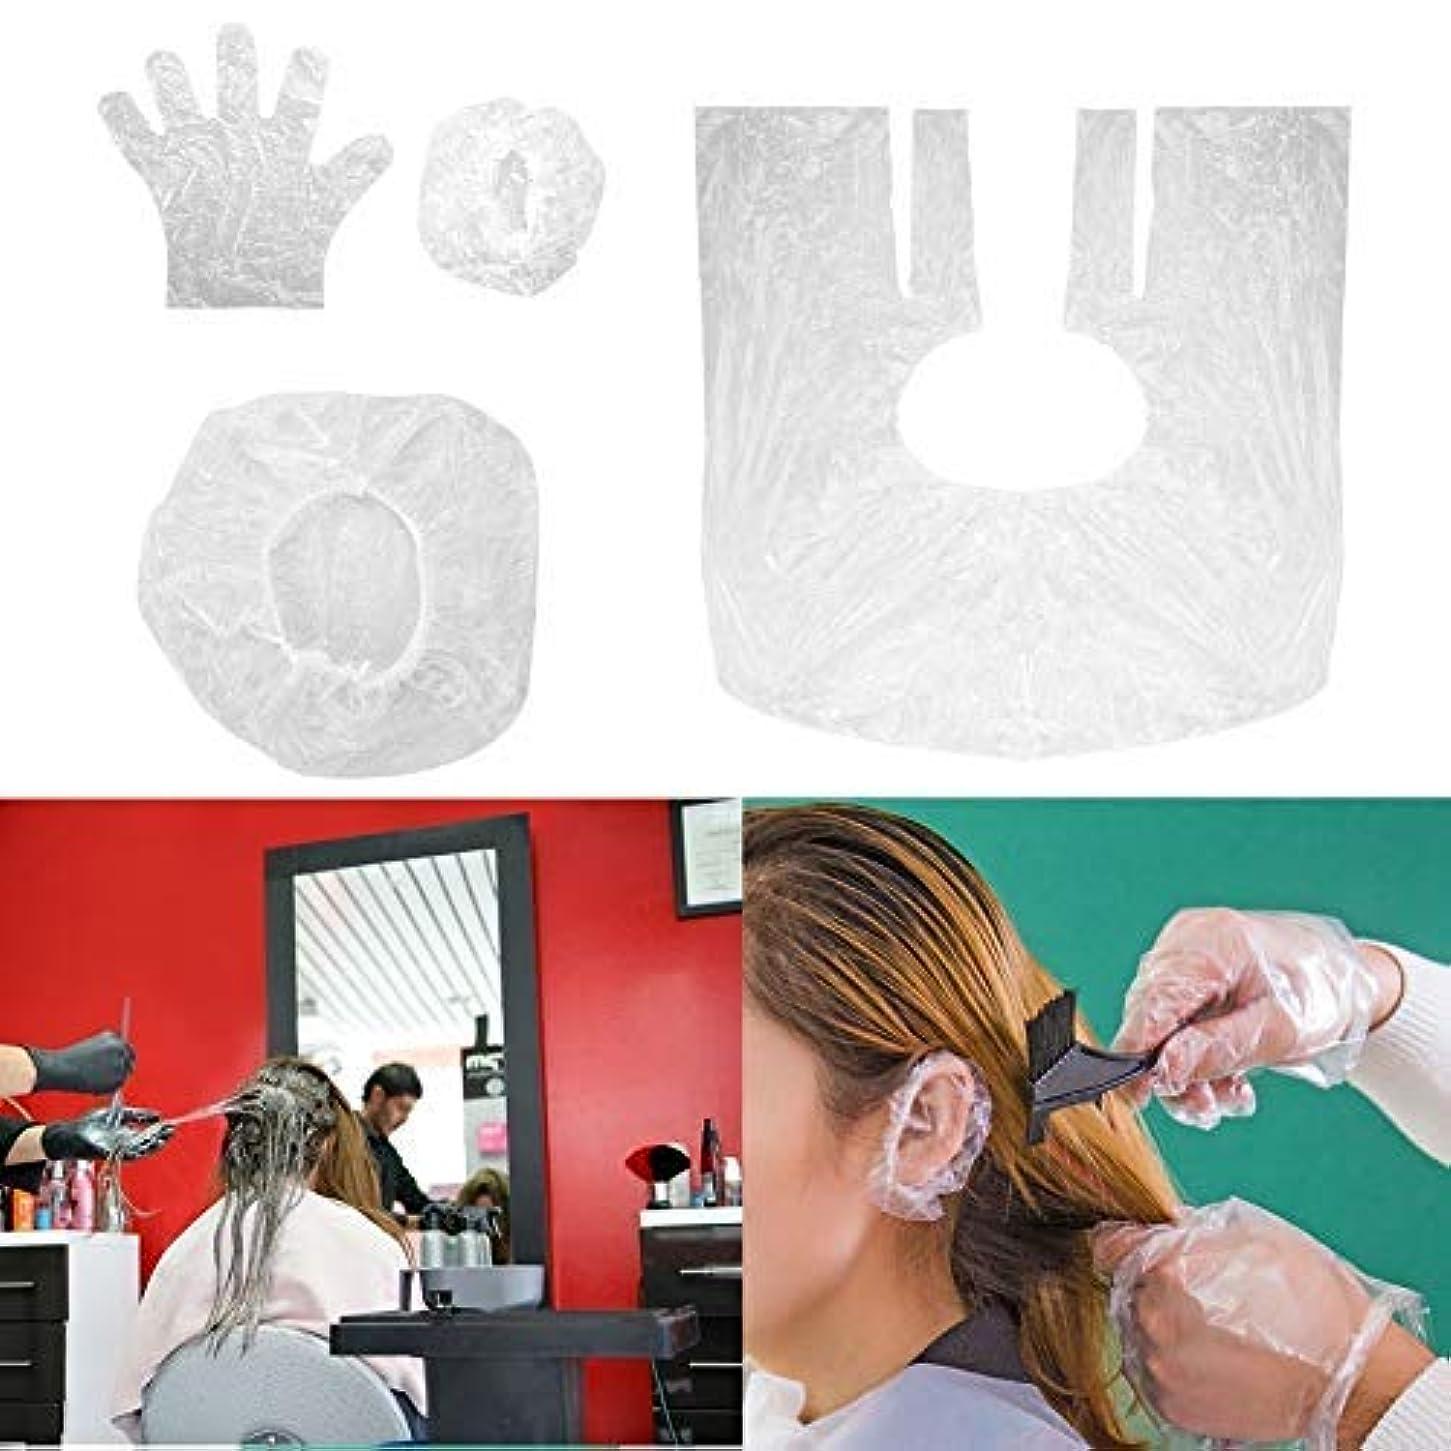 しっとり革命的文房具毛染め用 髪染め シャワーキャップ サロン 耳キャップ シャワーキャップ 手袋 使い捨て 10点セット